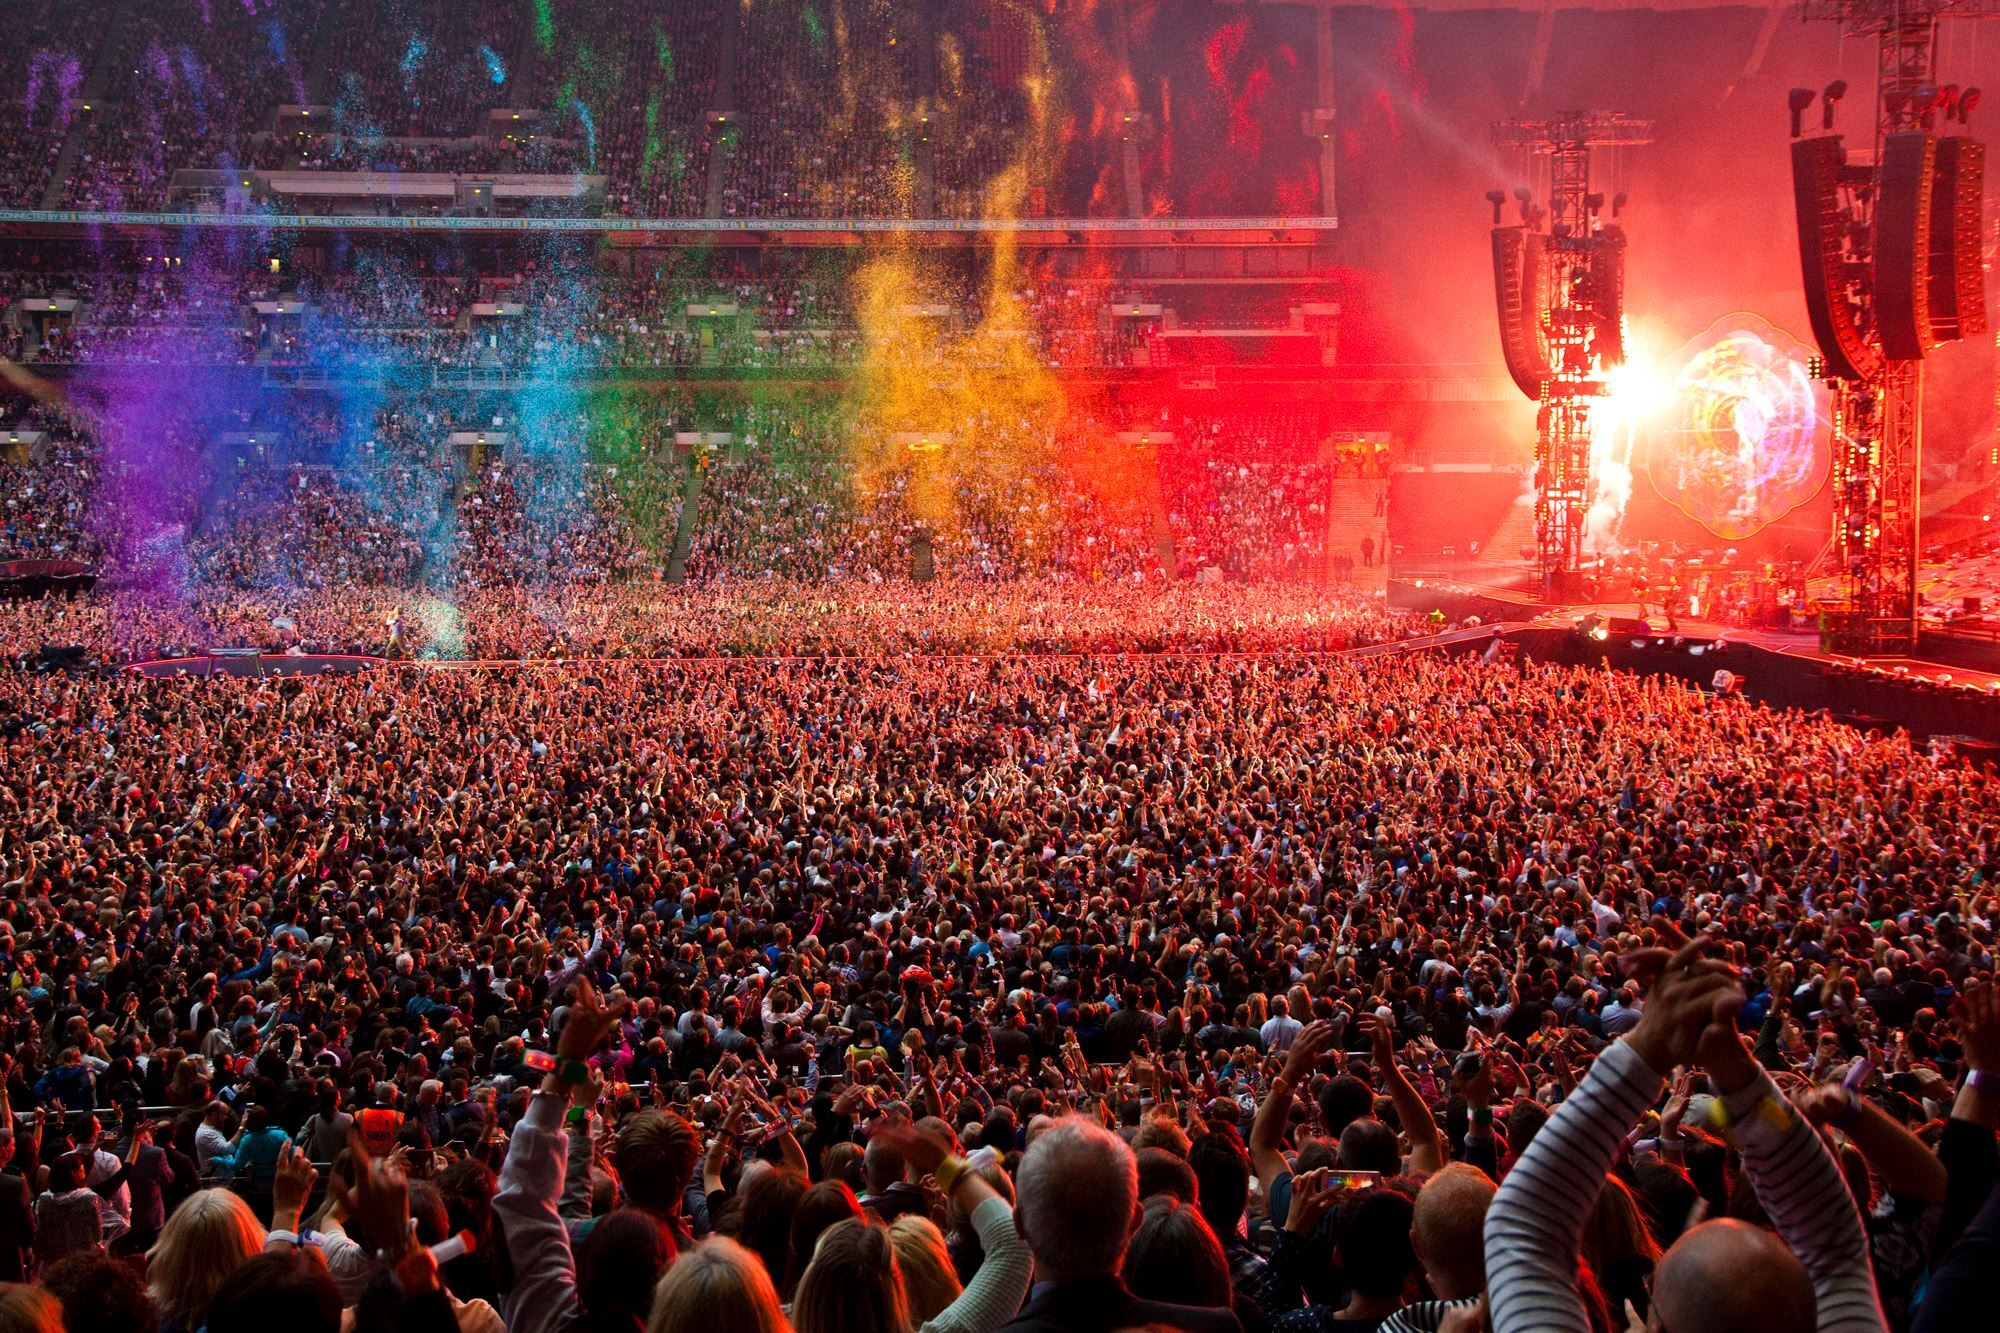 9 uur in de rij voor Coldplay: wie doét dat?!